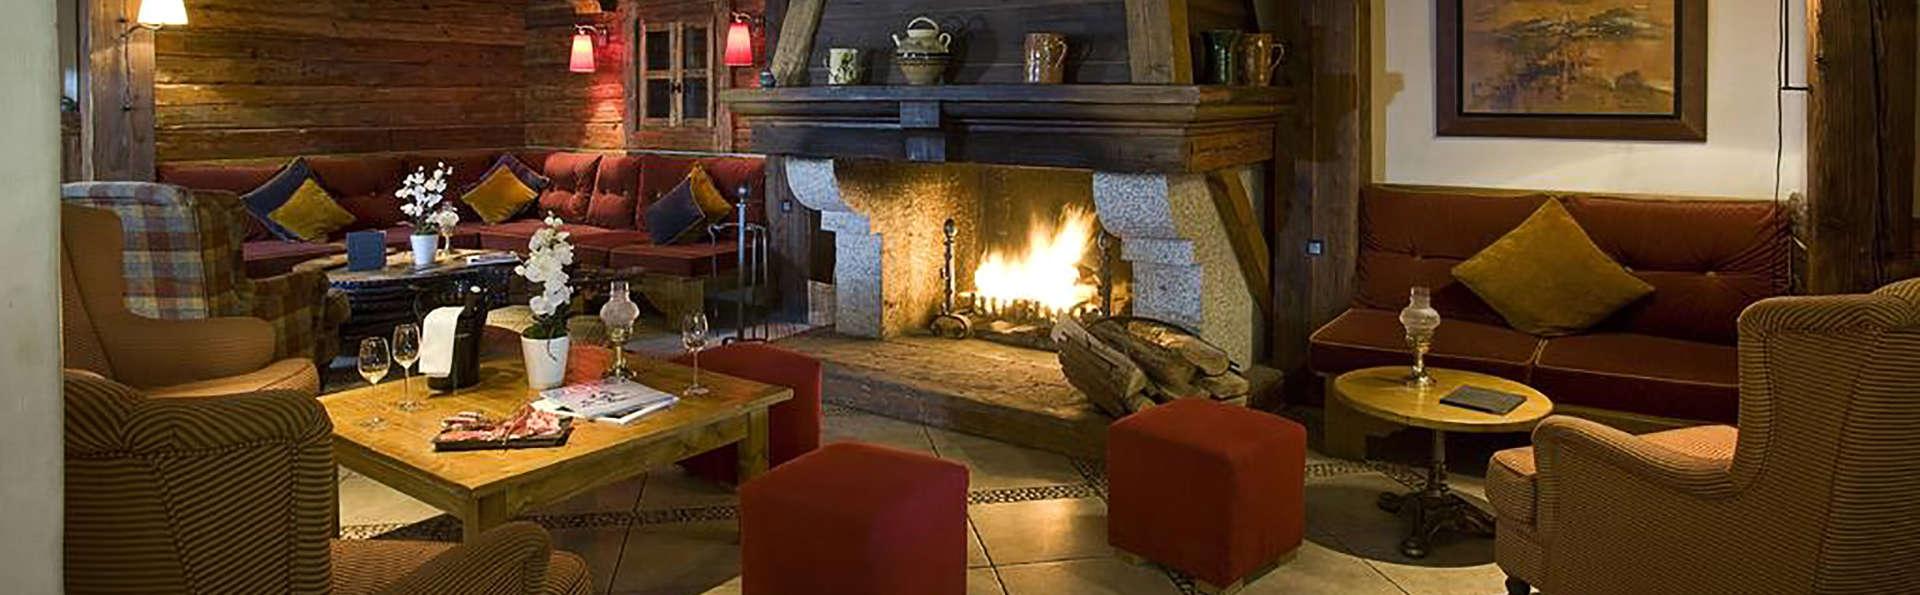 Hôtel Les Peupliers - Courchevel - Edit_Lobby.jpg